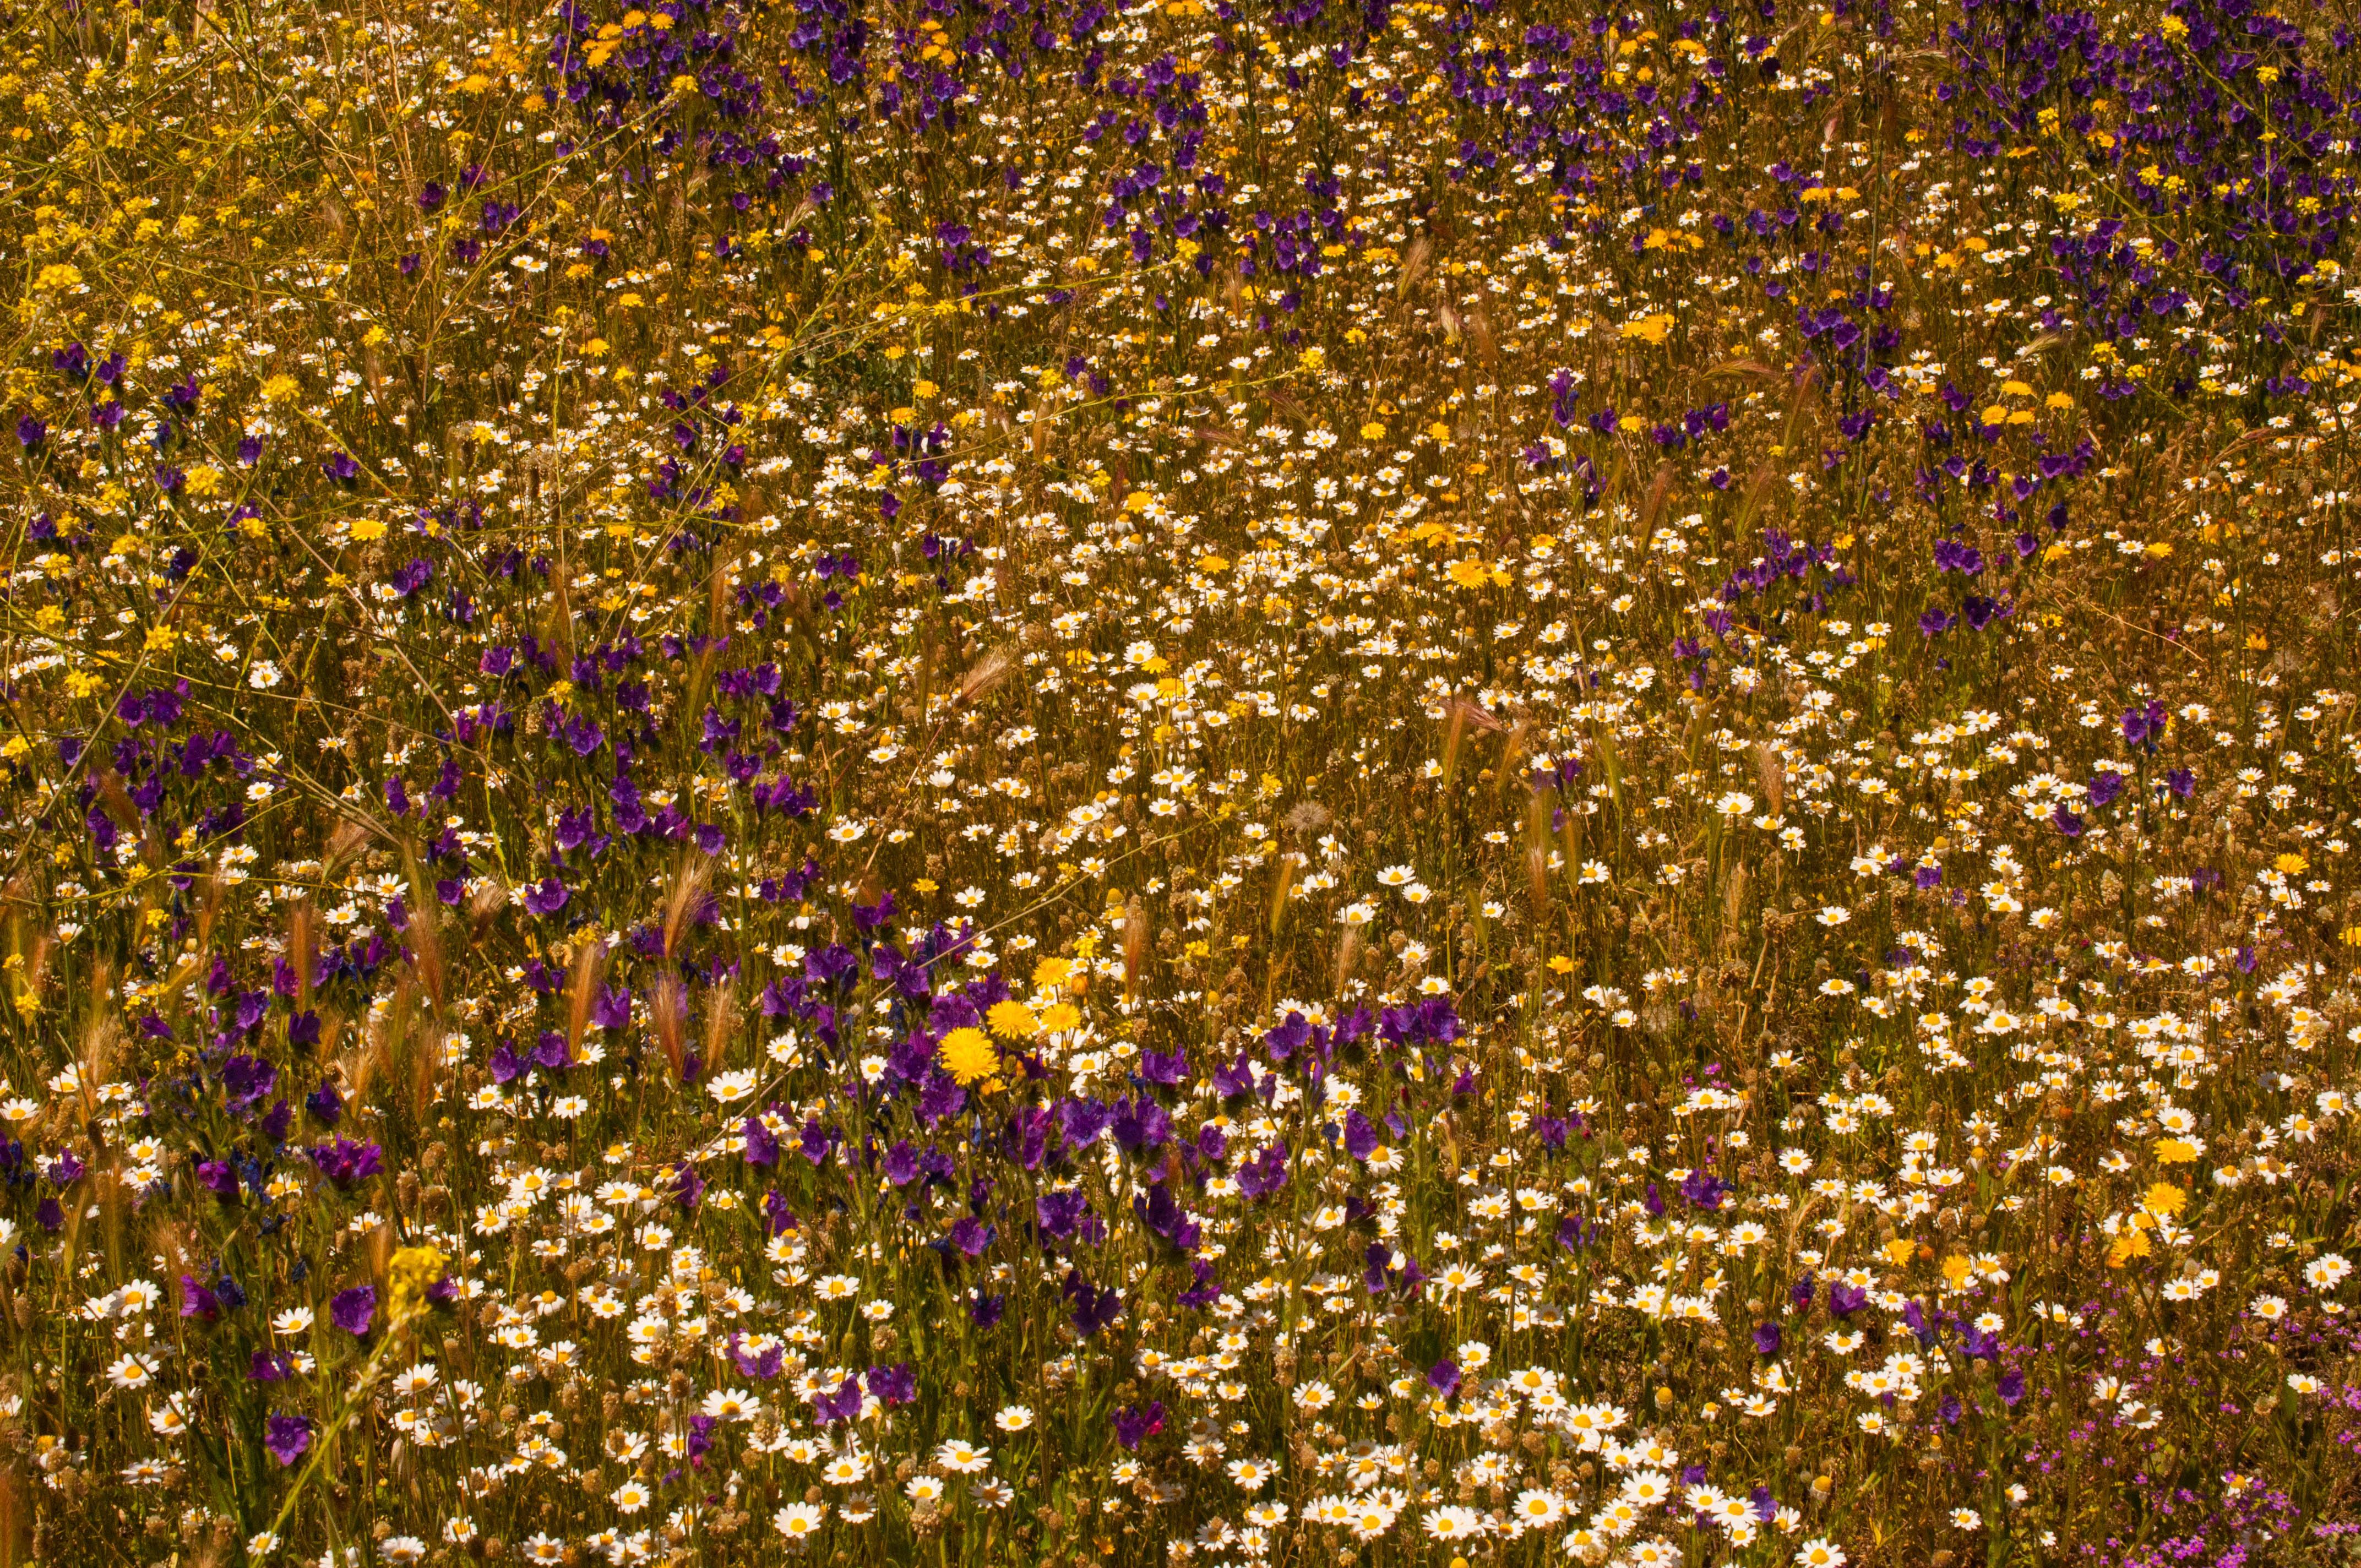 tapiz de flores Las Obreras de Aliste CB Artesanos de la Miel Aliste Gallegos del Campo Artesanos de la Miel